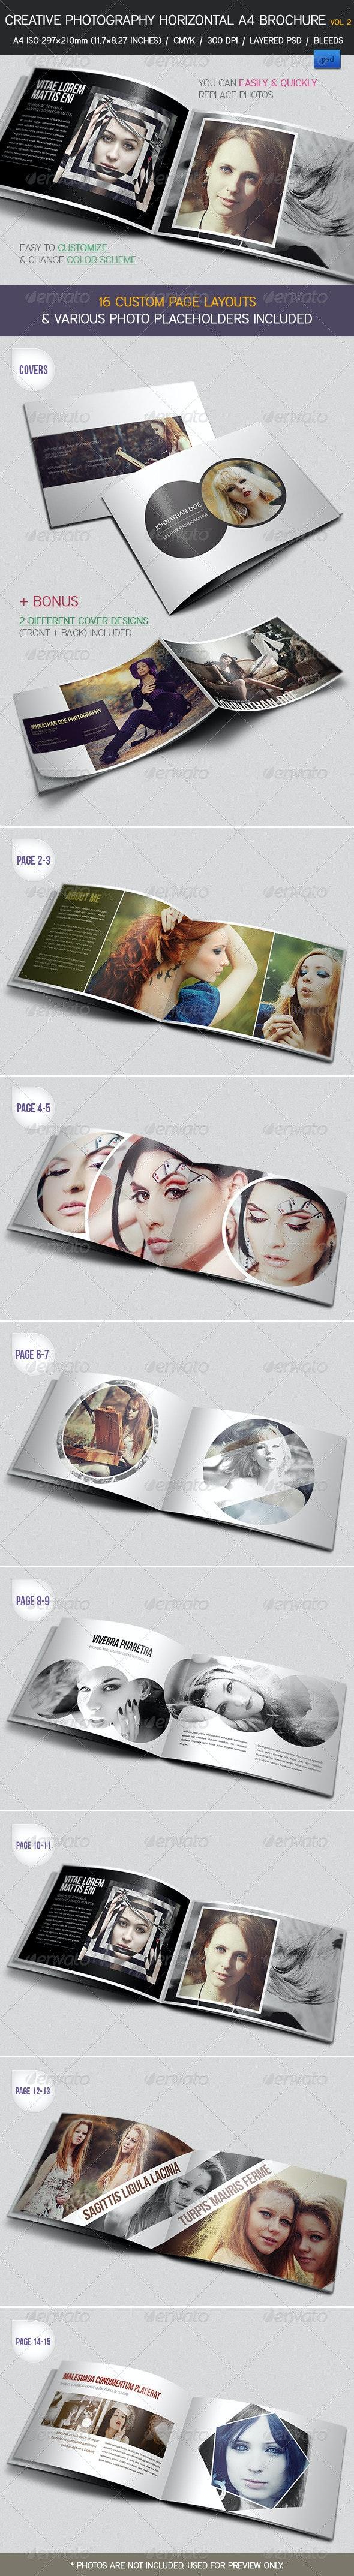 Creative Photography Portfolio A4 Brochure vol. 2 - Portfolio Brochures